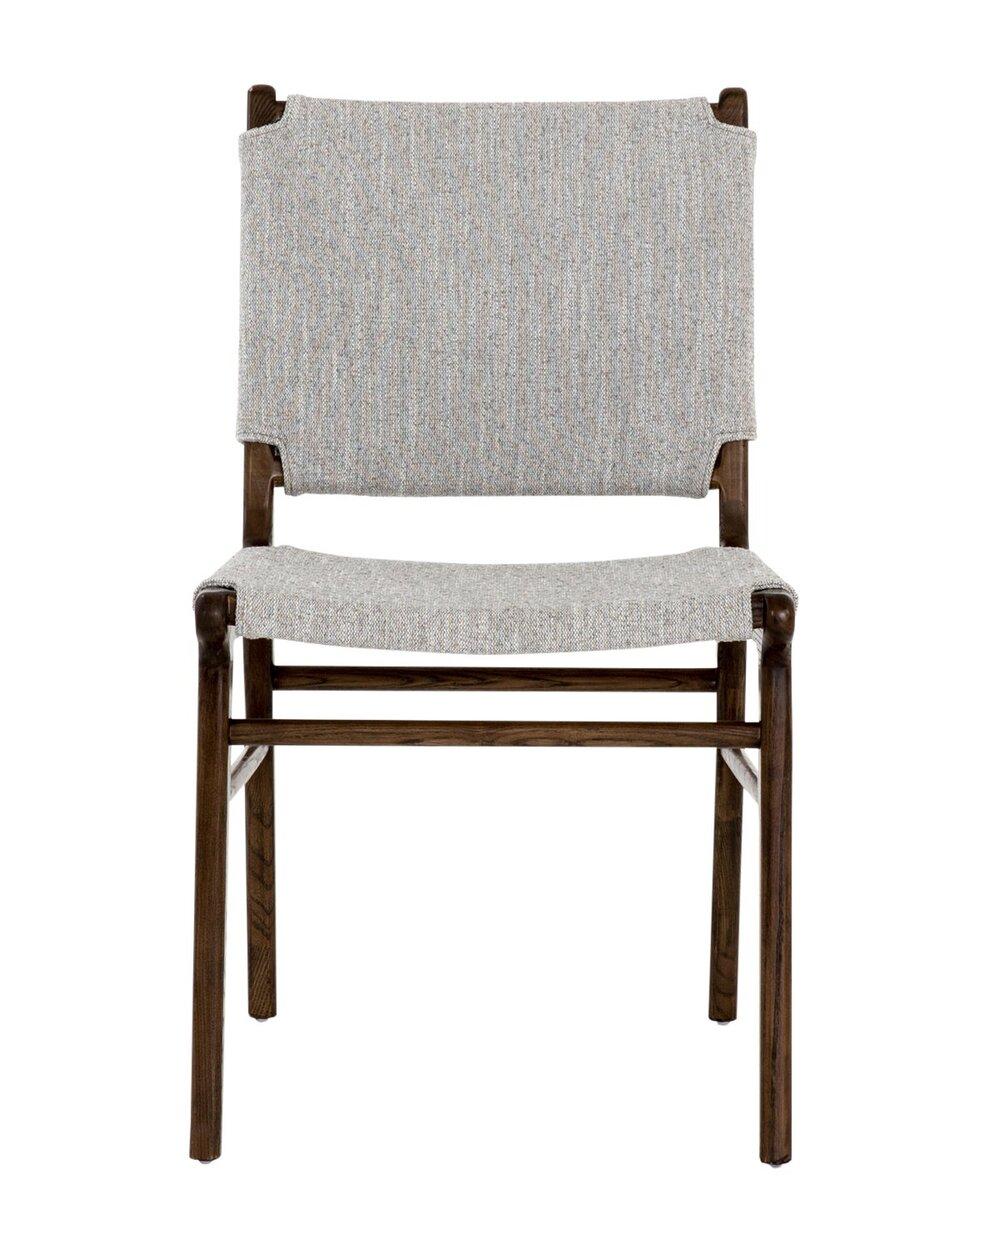 Matilda_Chair_3.jpg